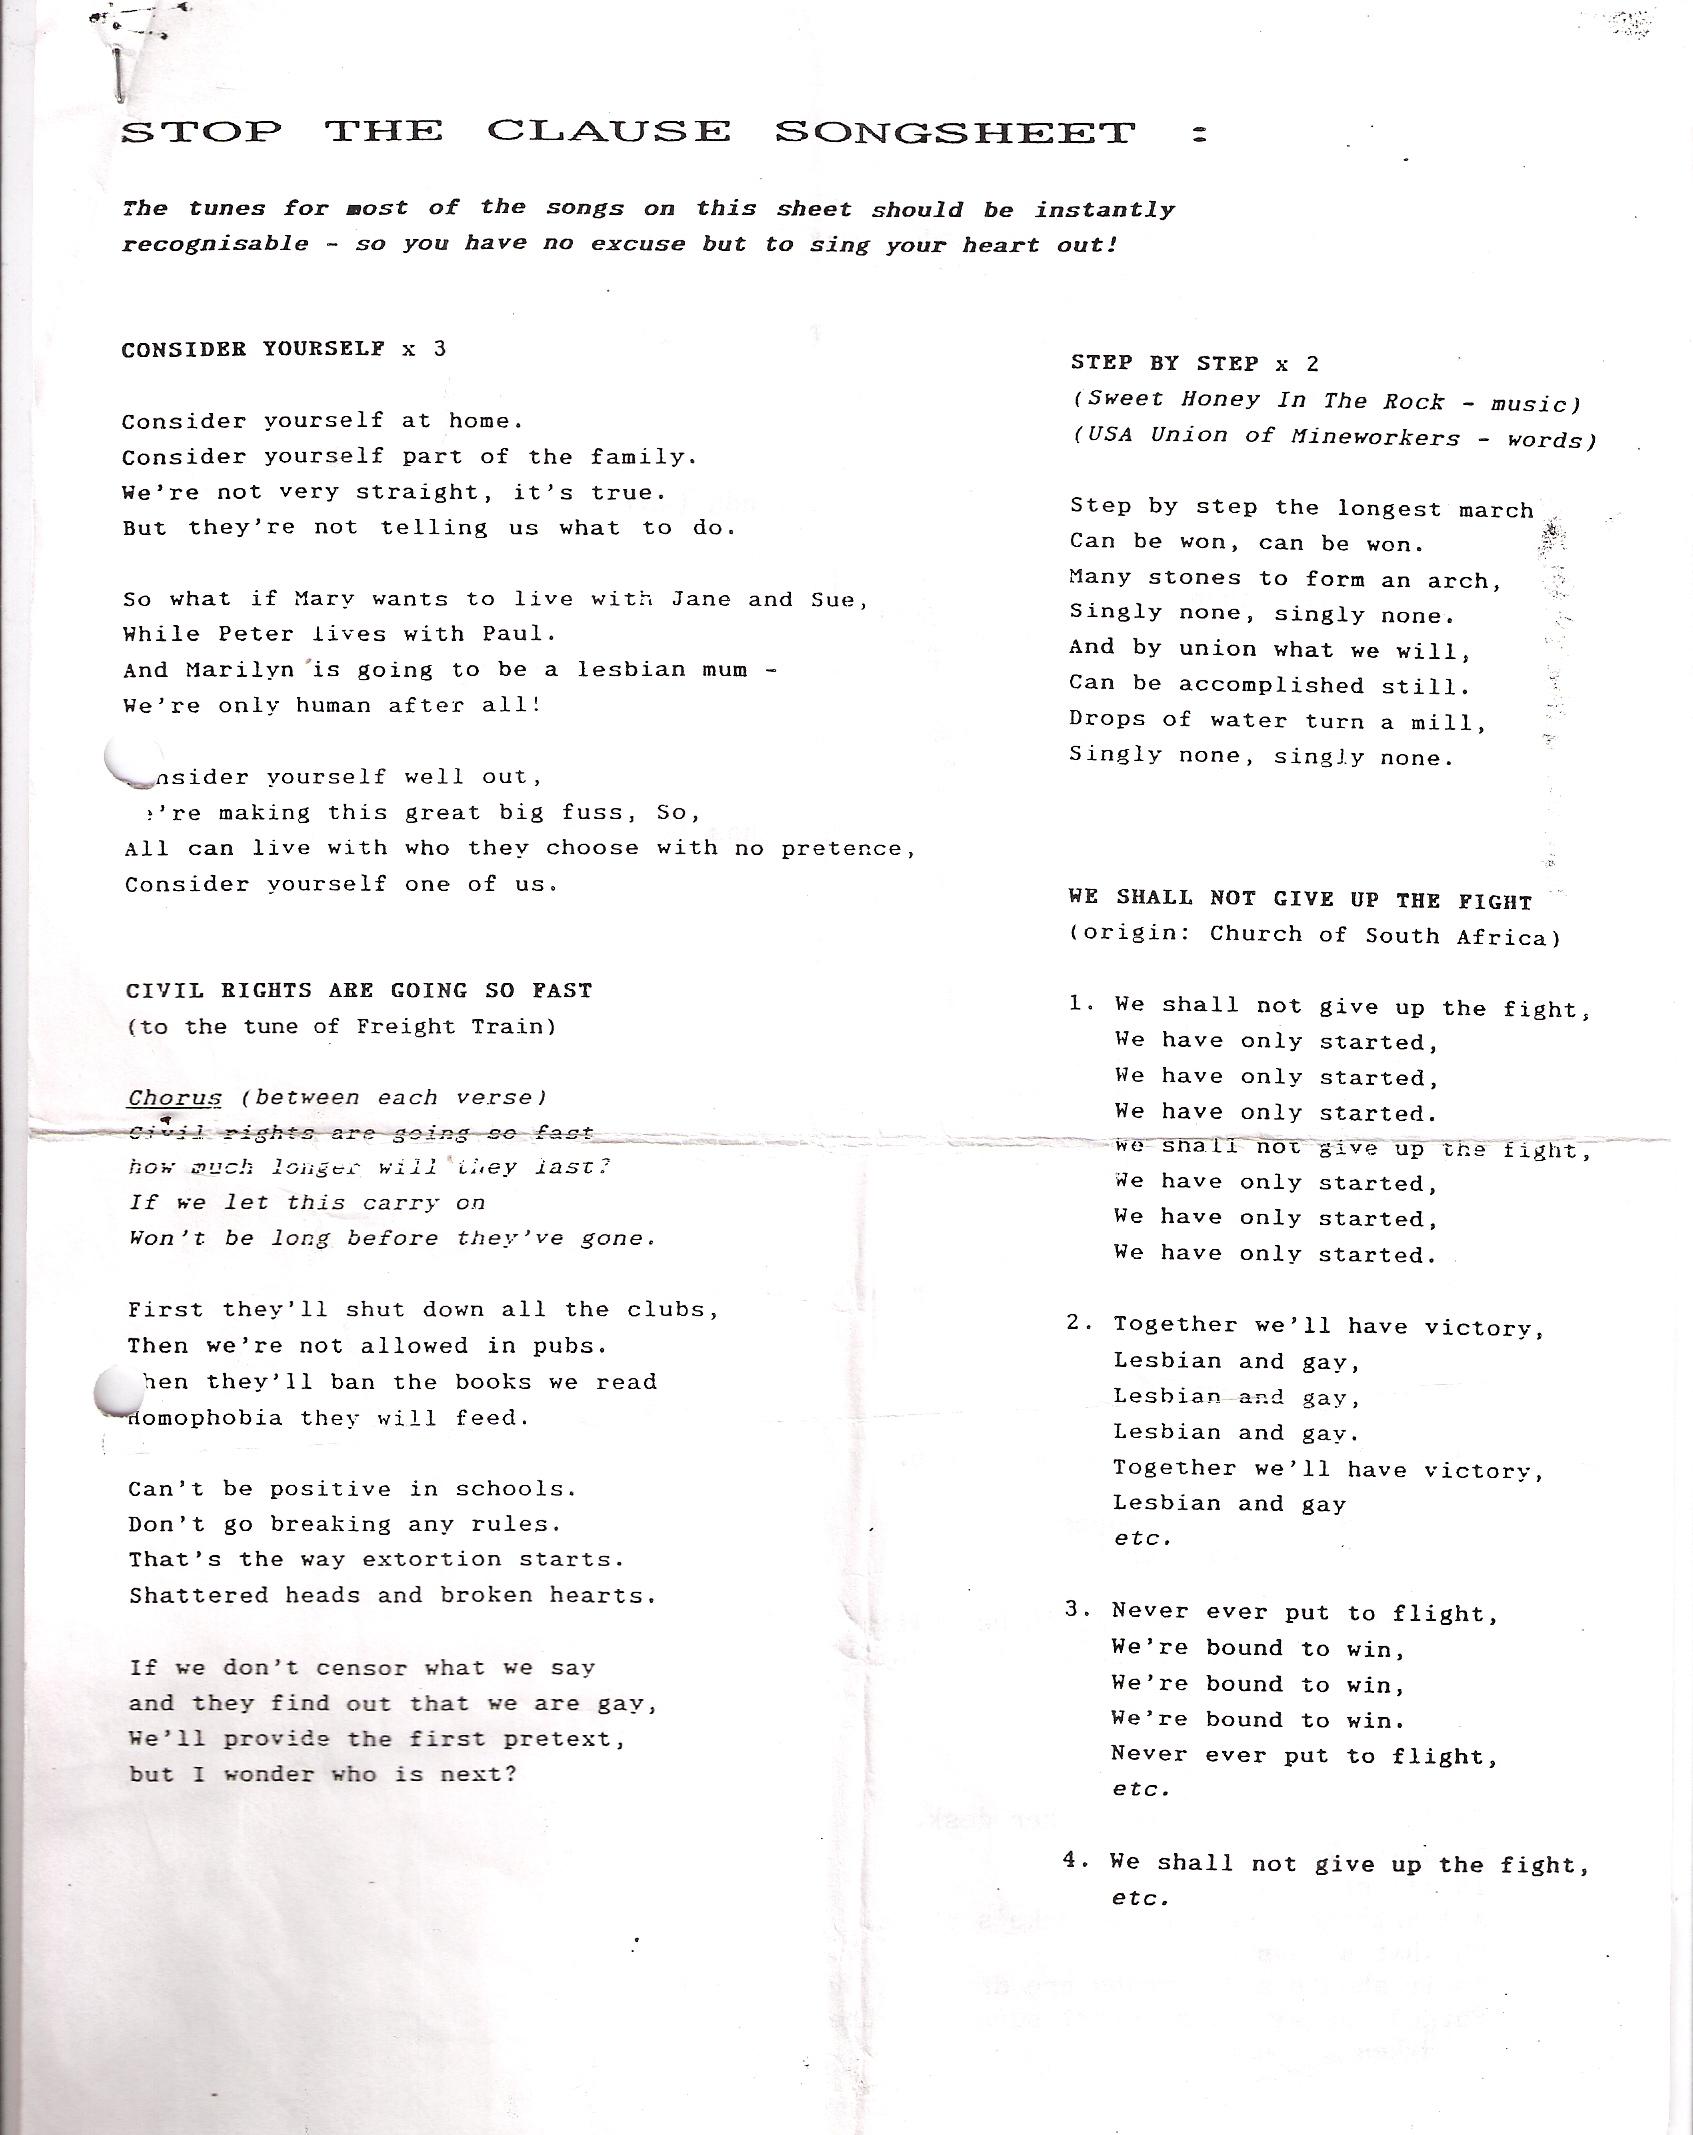 Hard to think lyrics